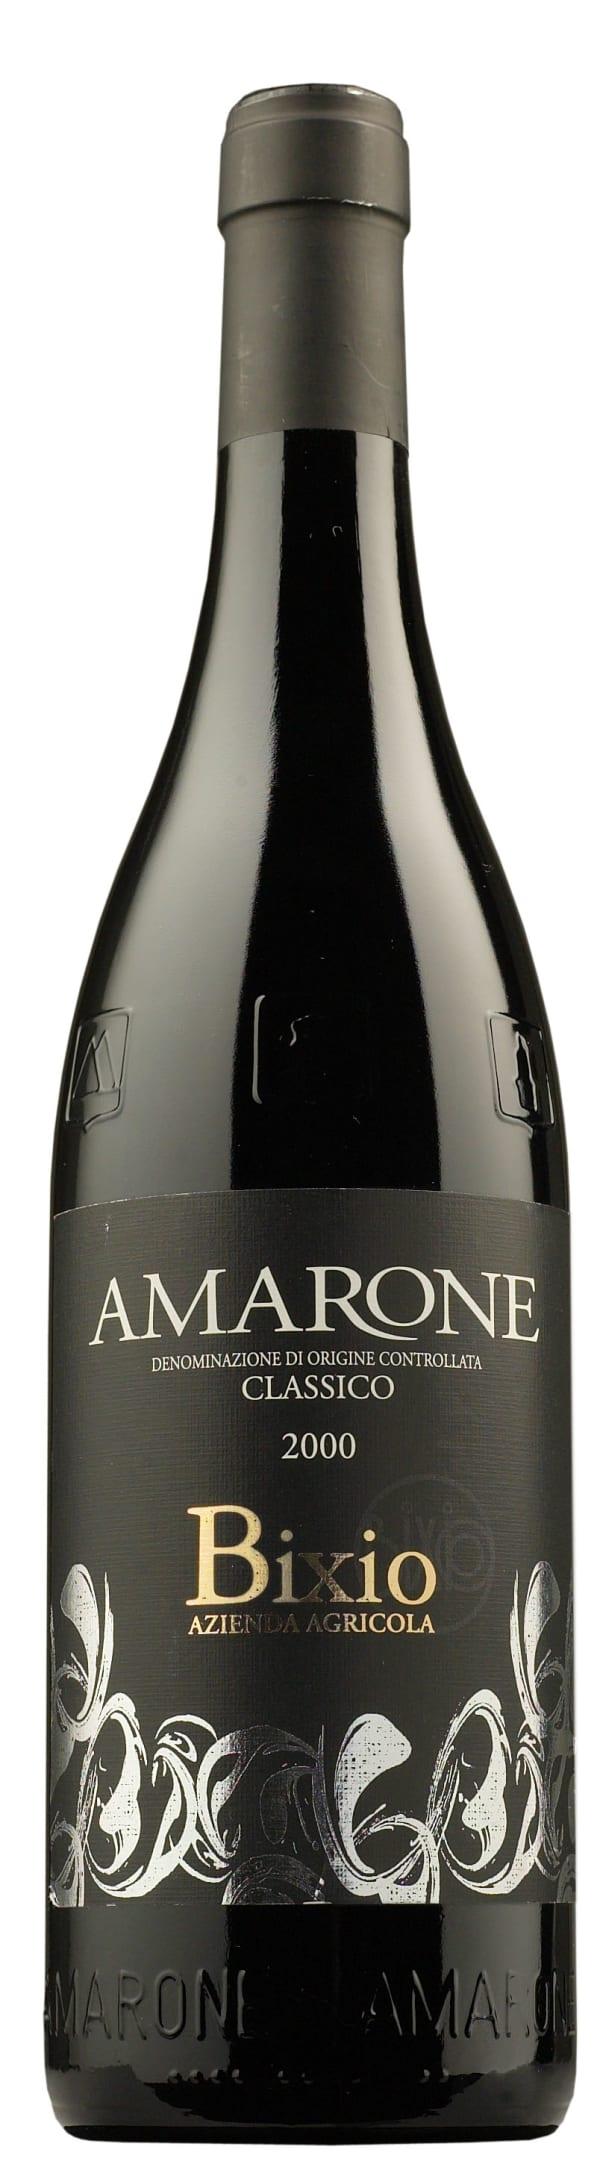 Bixio Amarone Classico della Valpolicella 2013